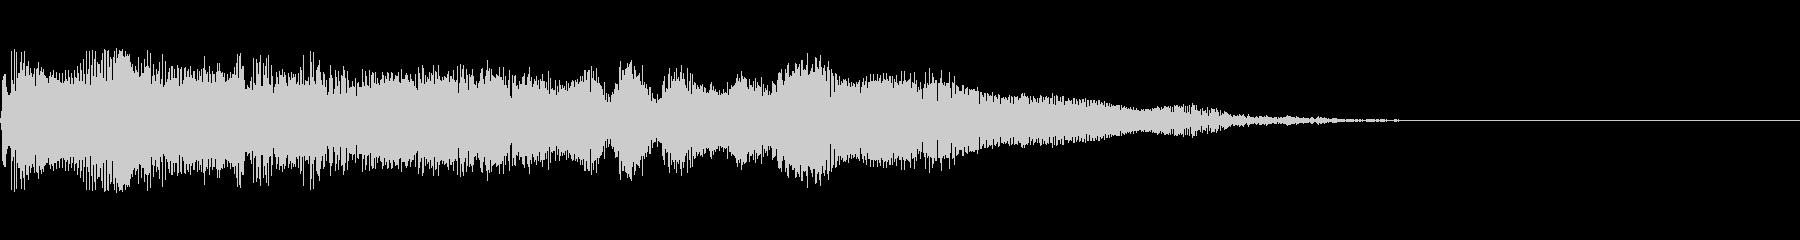 ベビースワイプの未再生の波形